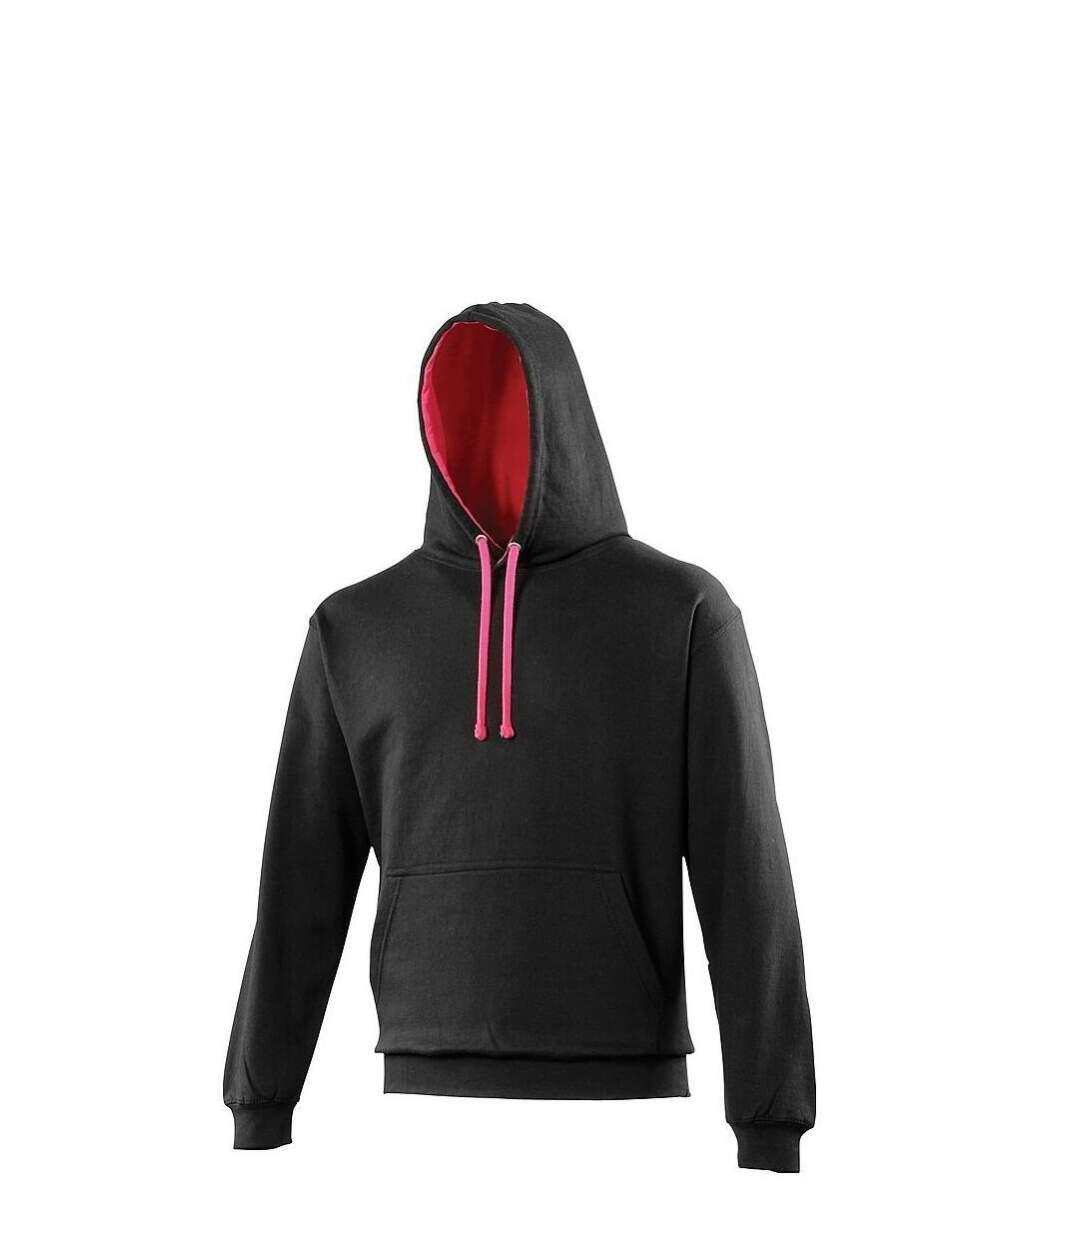 Sweat à capuche contrastée unisexe - JH003 - noir et rose